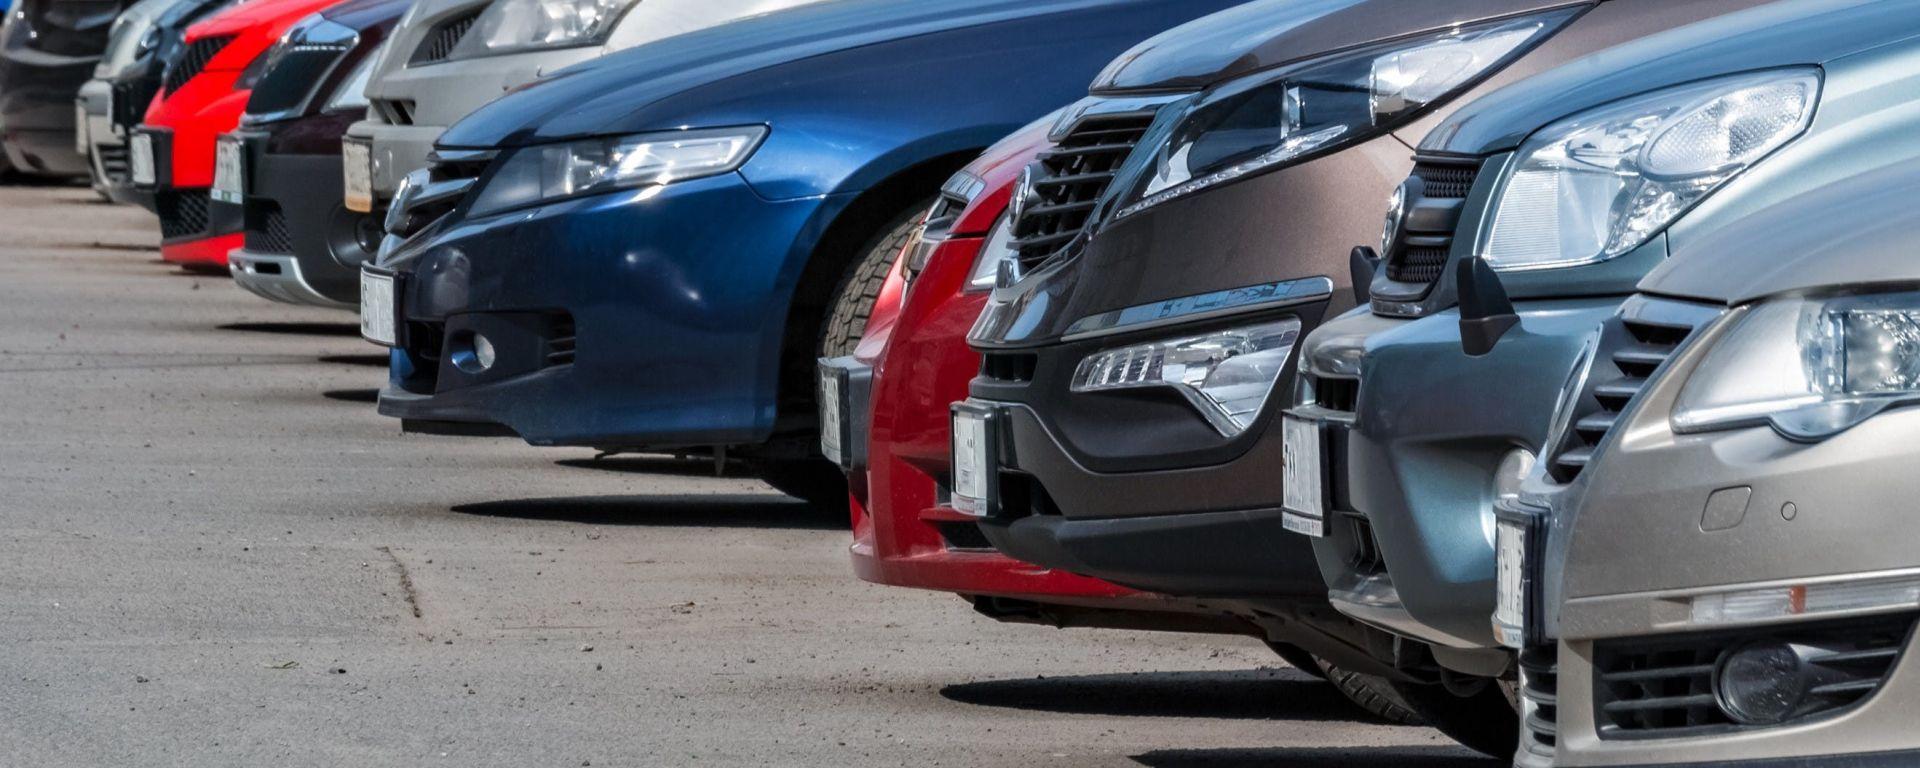 Incentivi auto 2020, bonus fiscale anche sull'usato